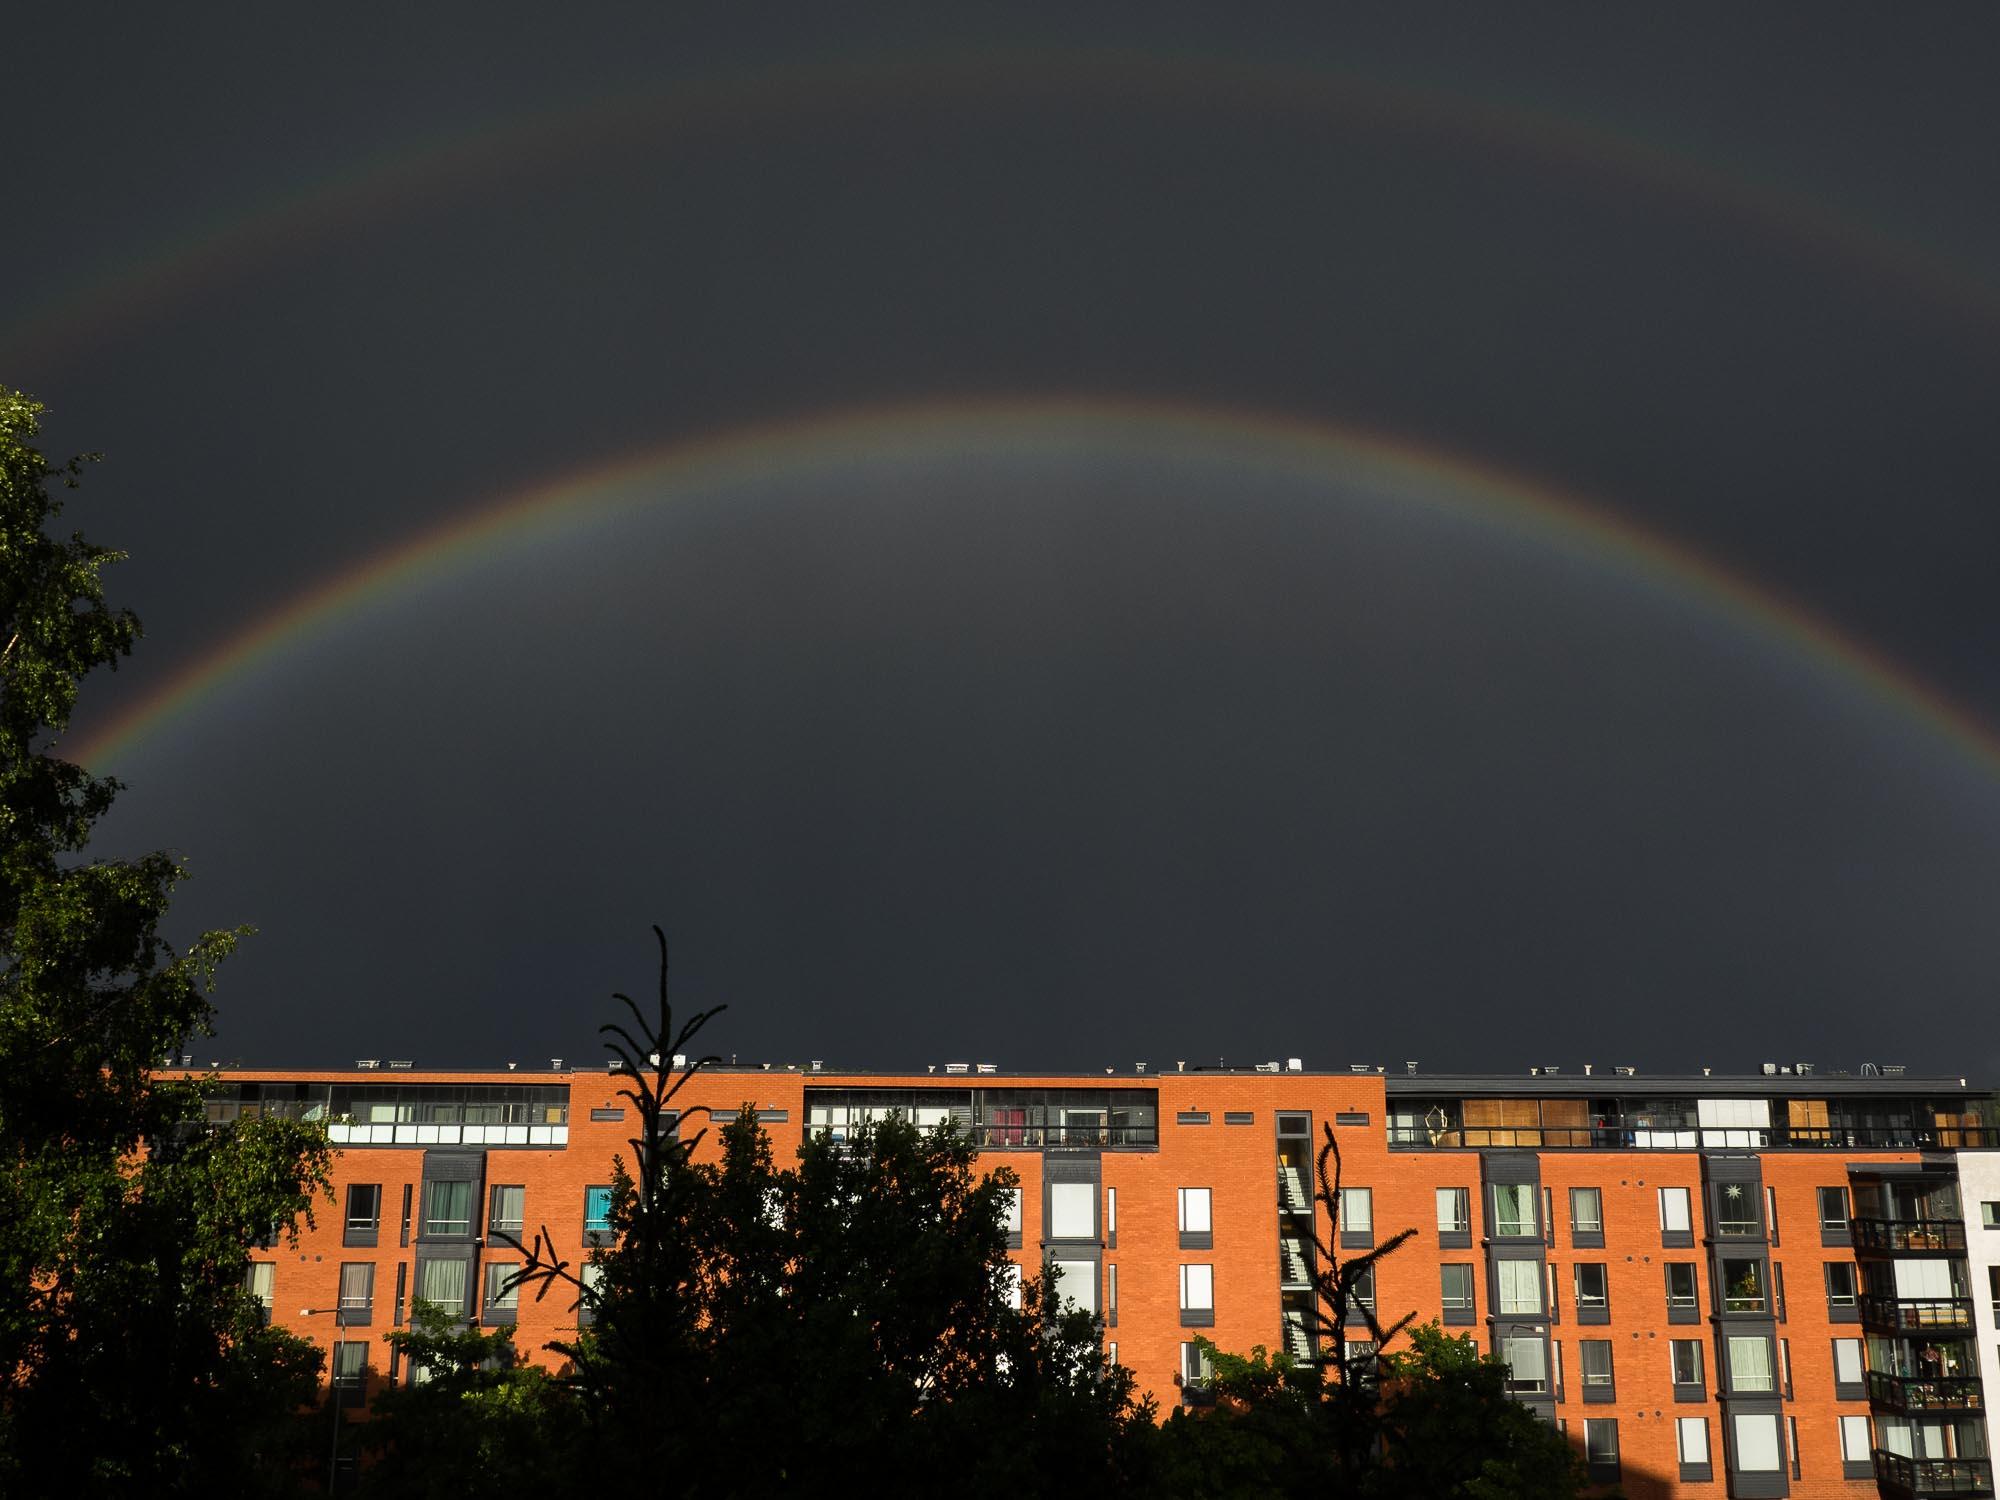 Rainbow in Viikki, Helsinki